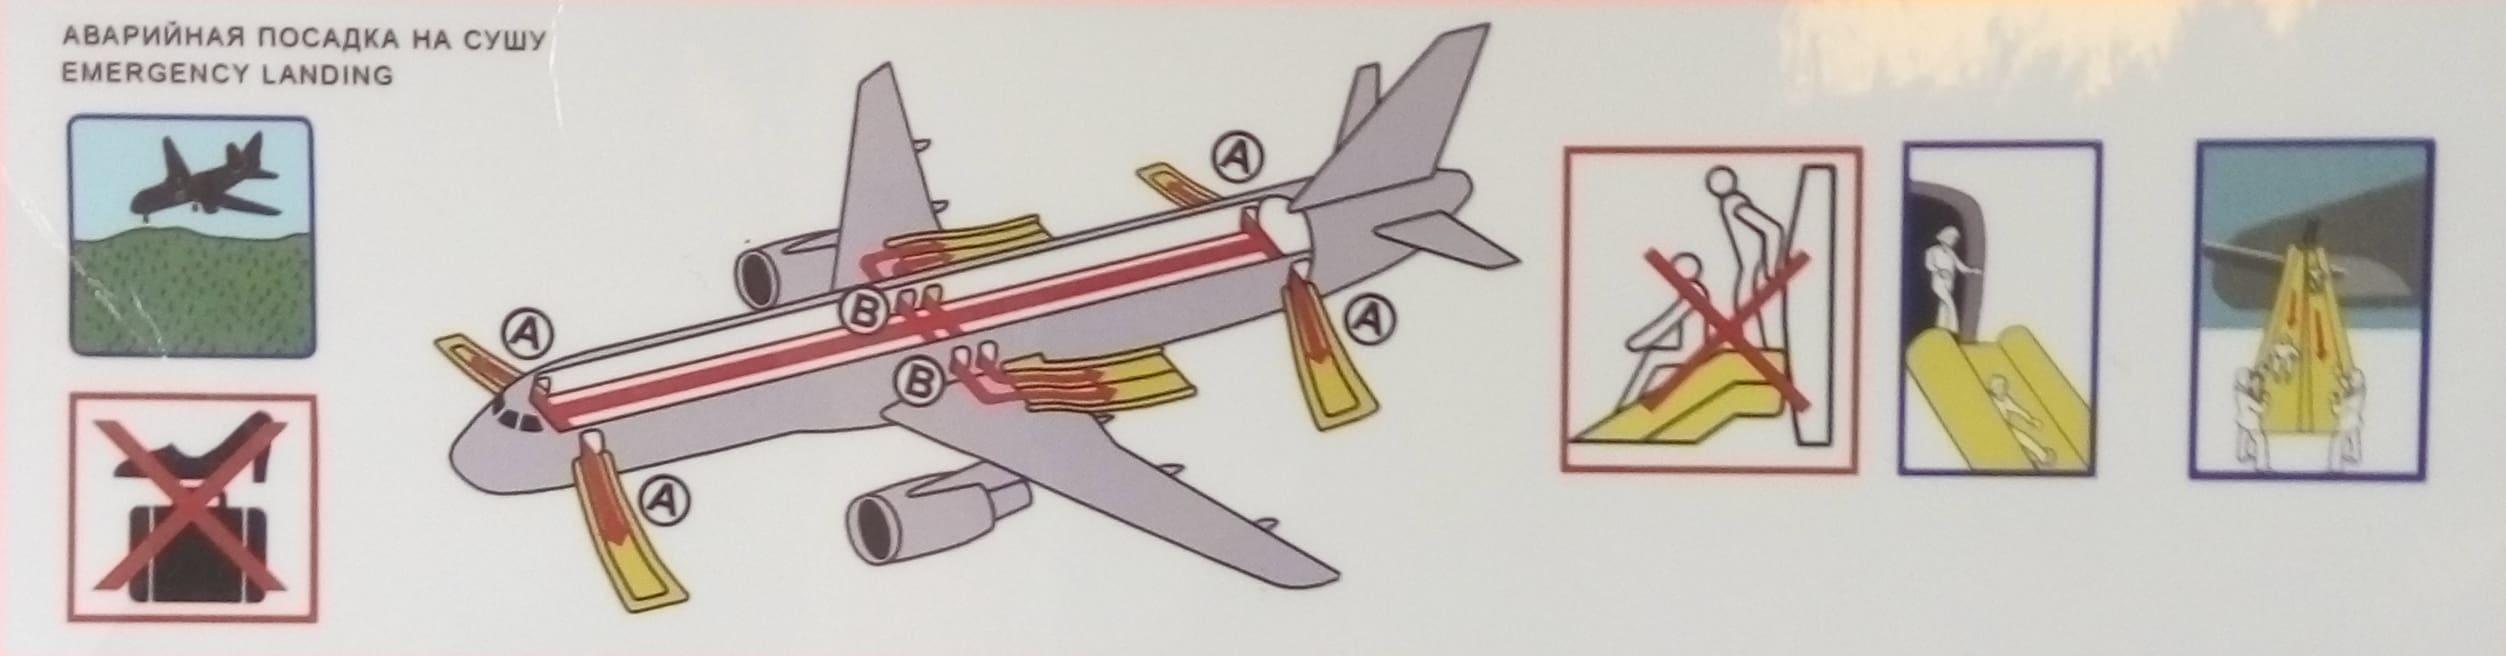 При посадке самолета на сушу